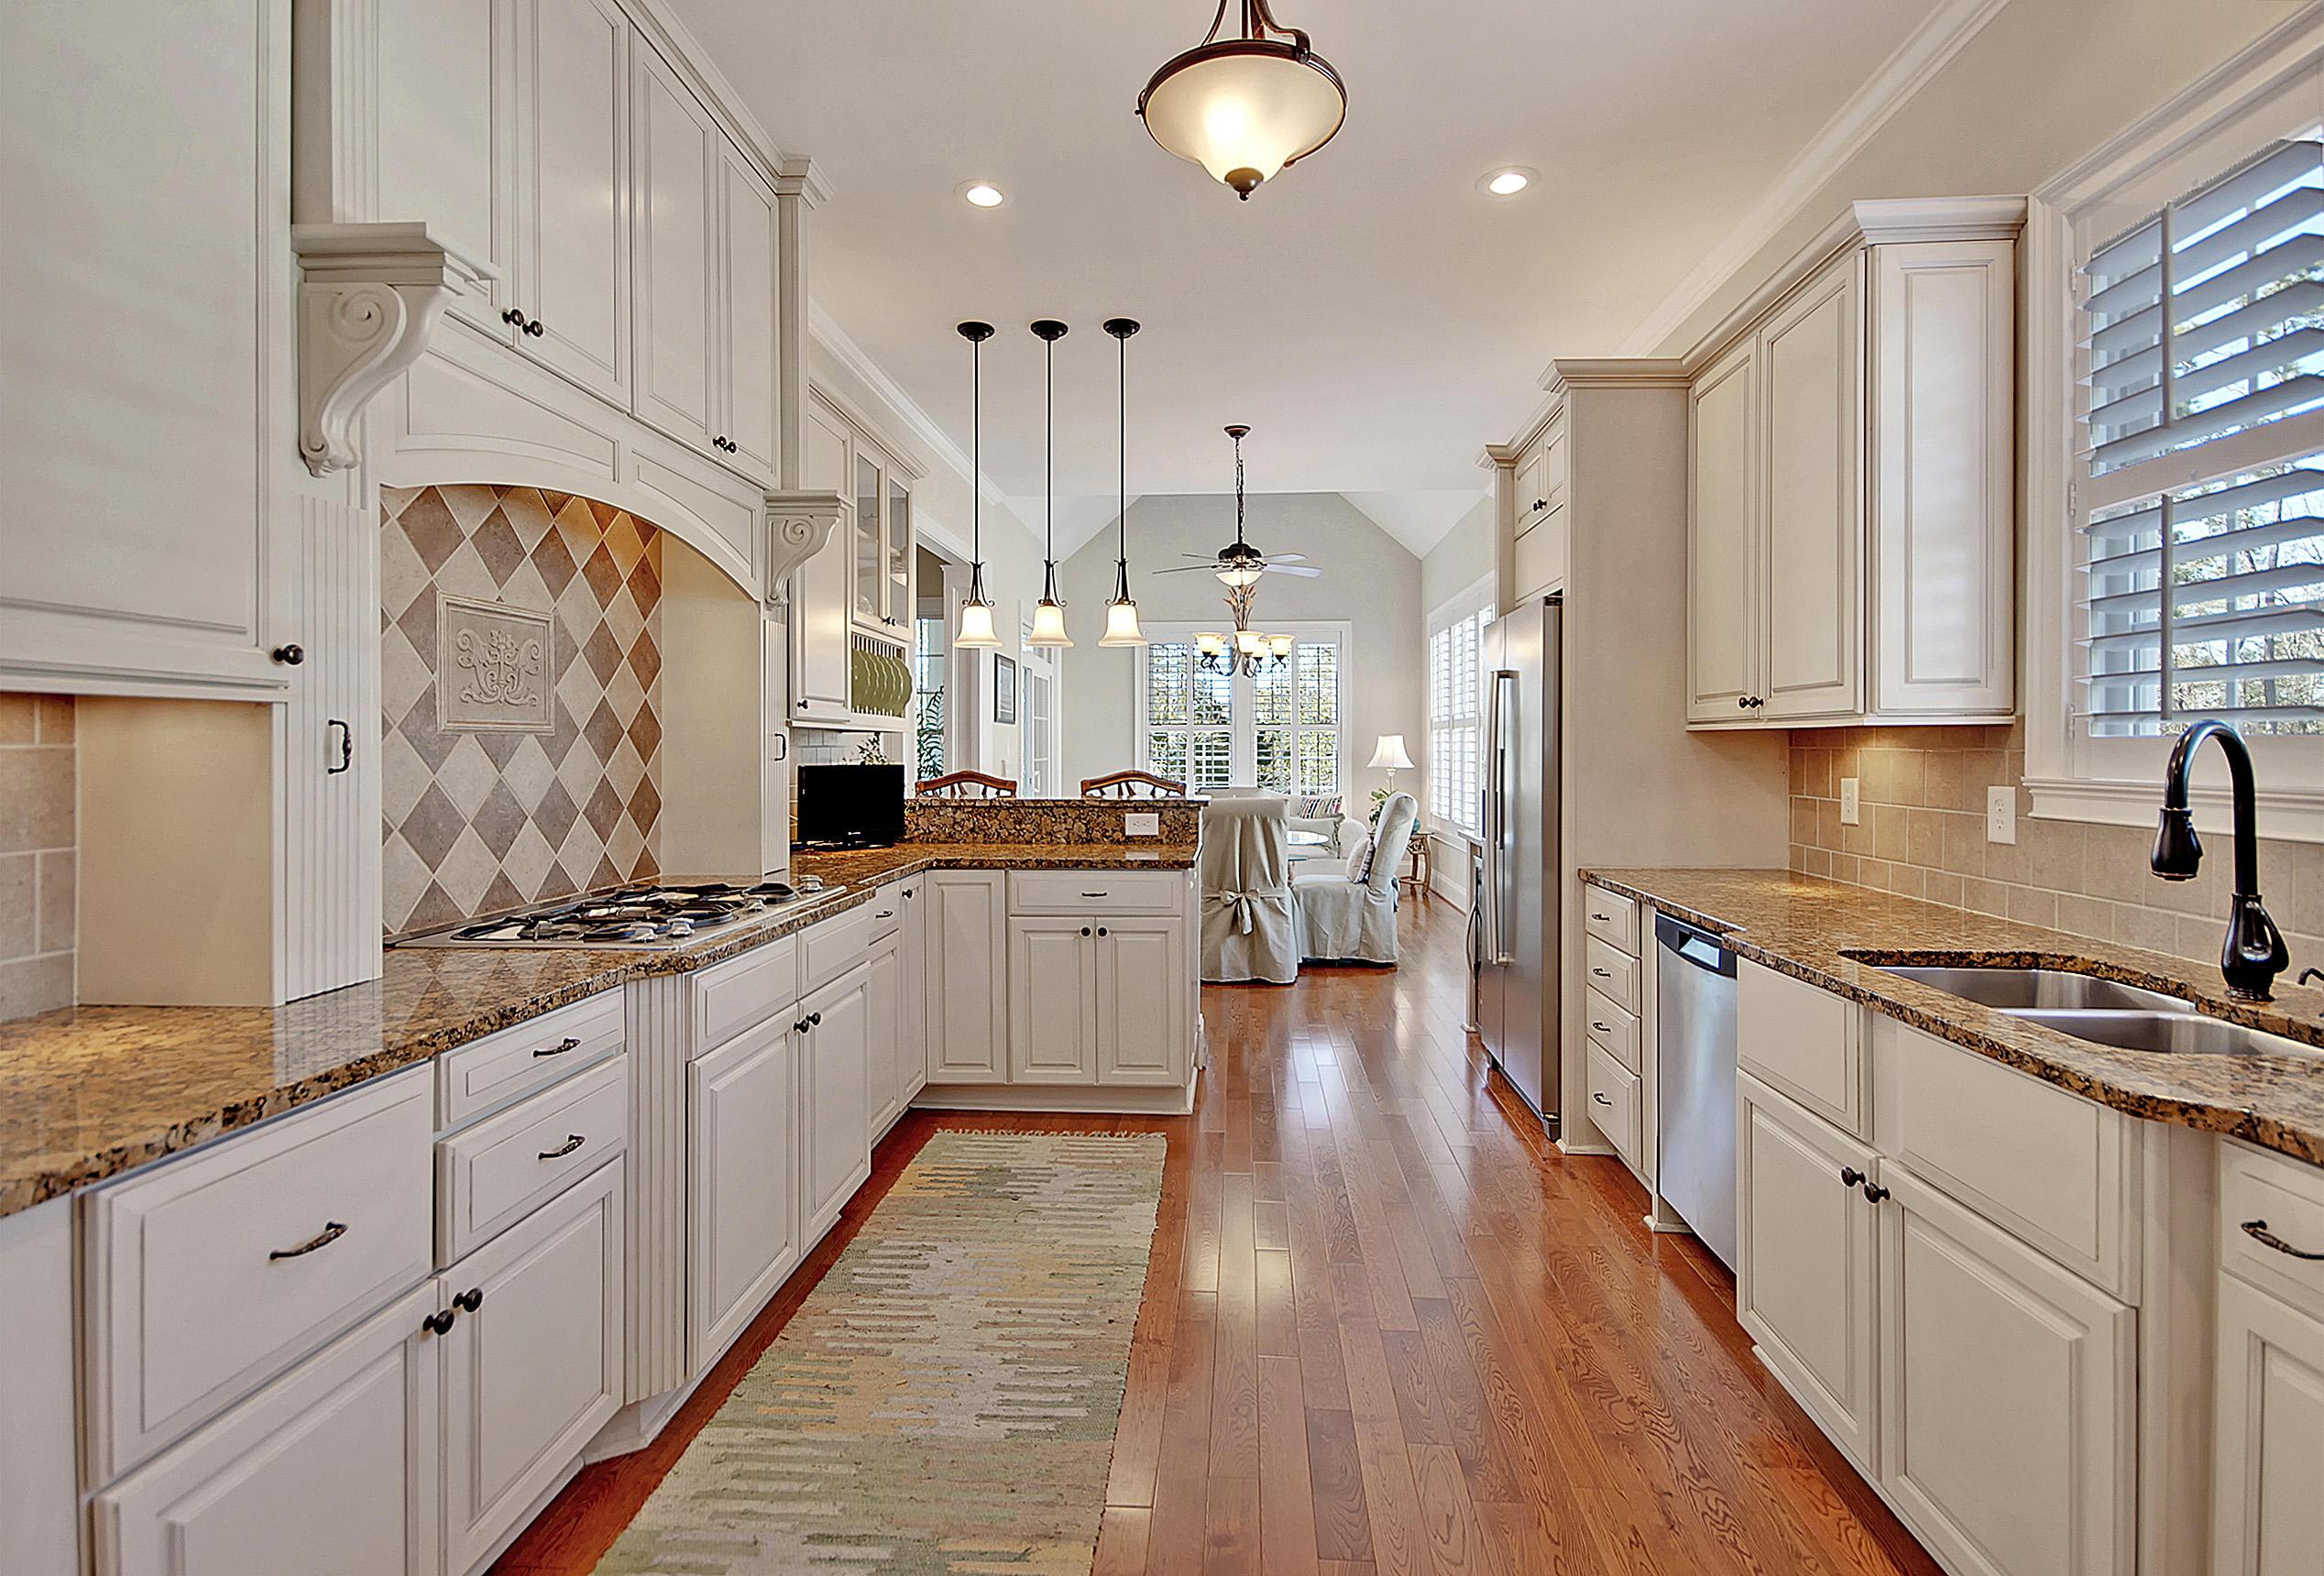 Dunes West Homes For Sale - 2721 Fountainhead, Mount Pleasant, SC - 51